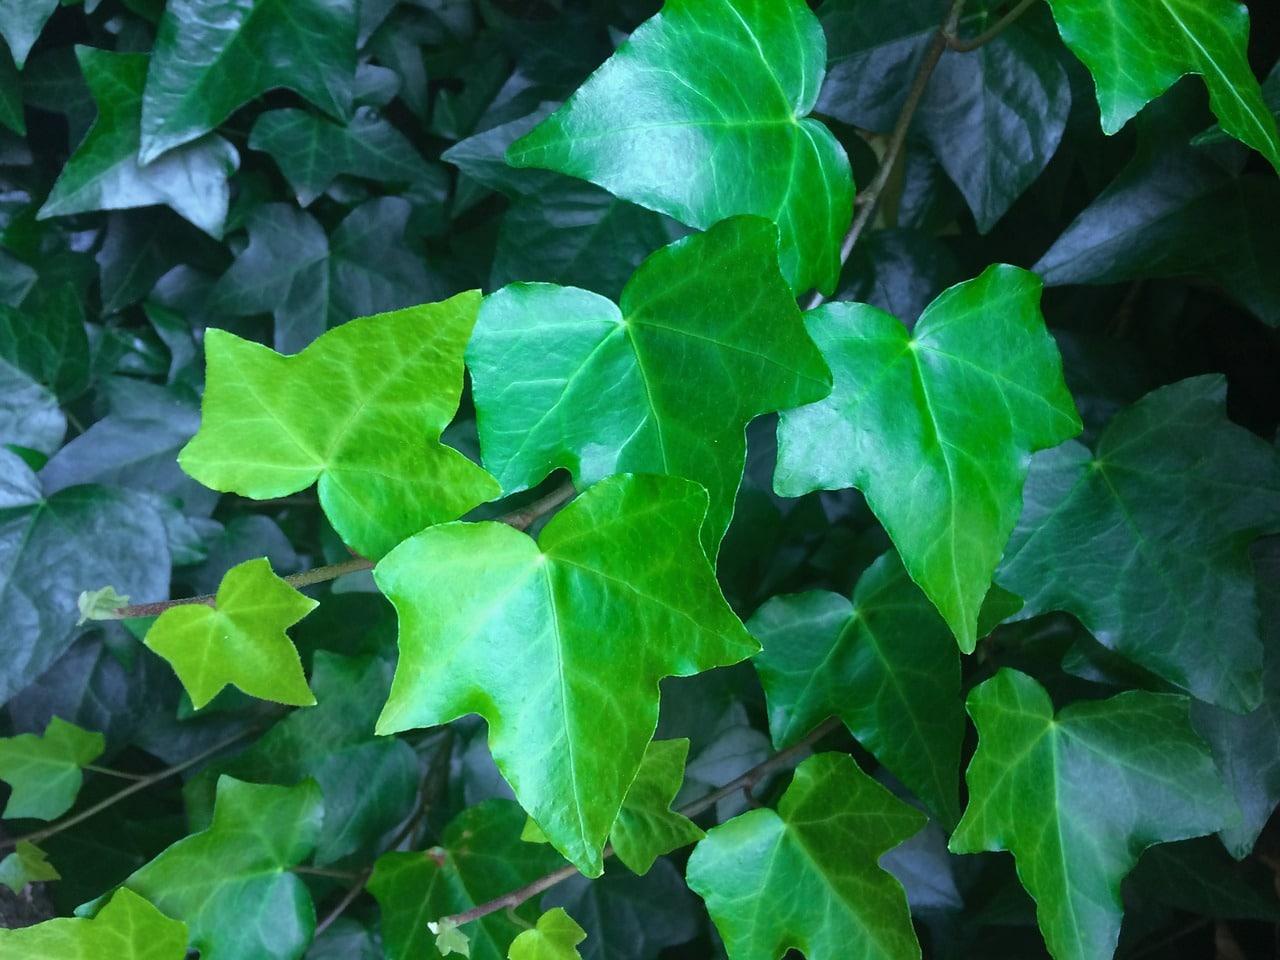 Groenblijvende klimplanten: klimop - Hedera Helix